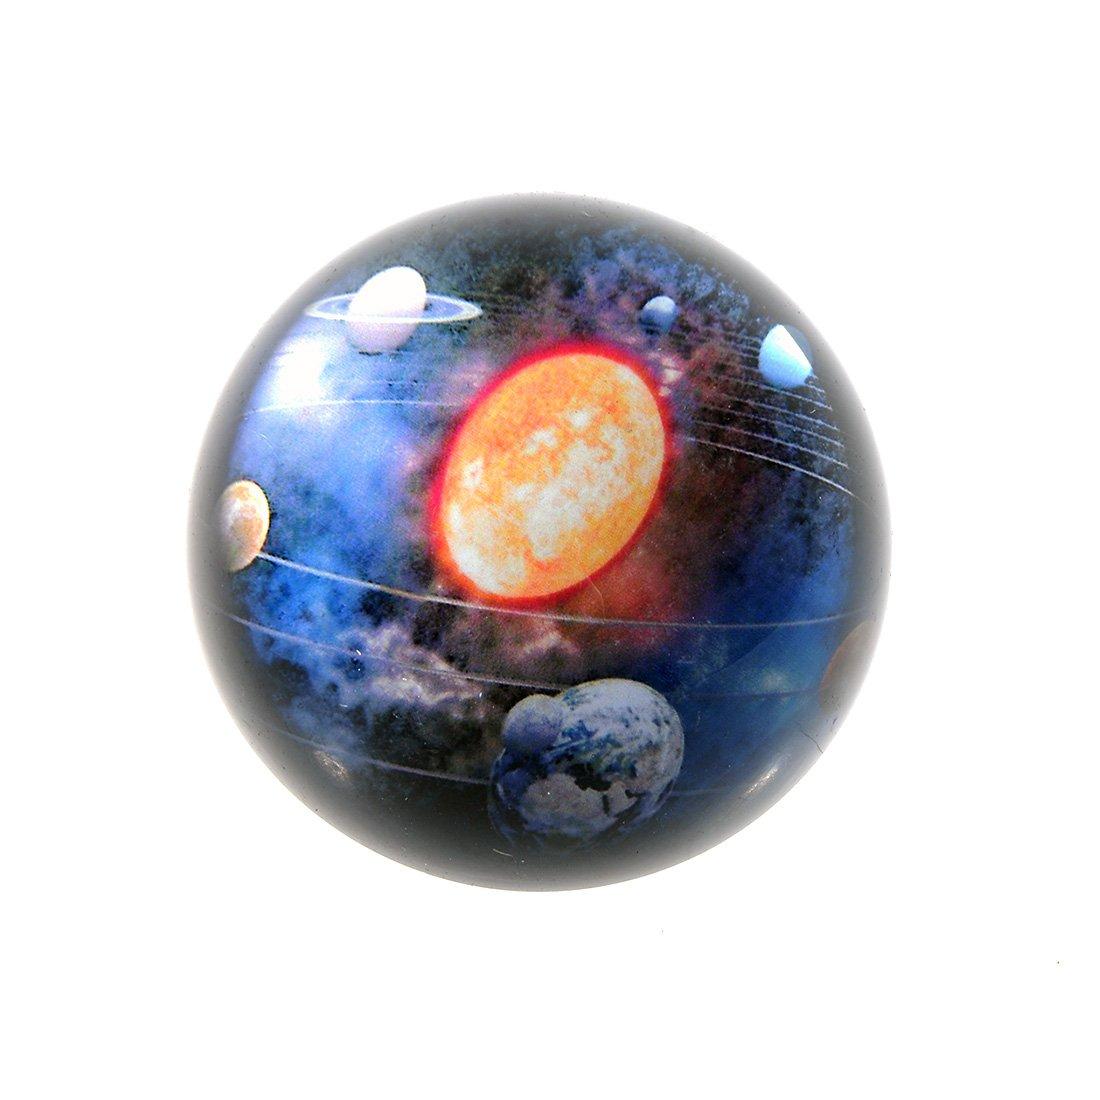 beautiful Earth H /& D 80/mm Sfera sfera di cristallo sorprendente cielo stellato design fermacarte figurine decorazione artigianale per bambini o come regalo di Natale